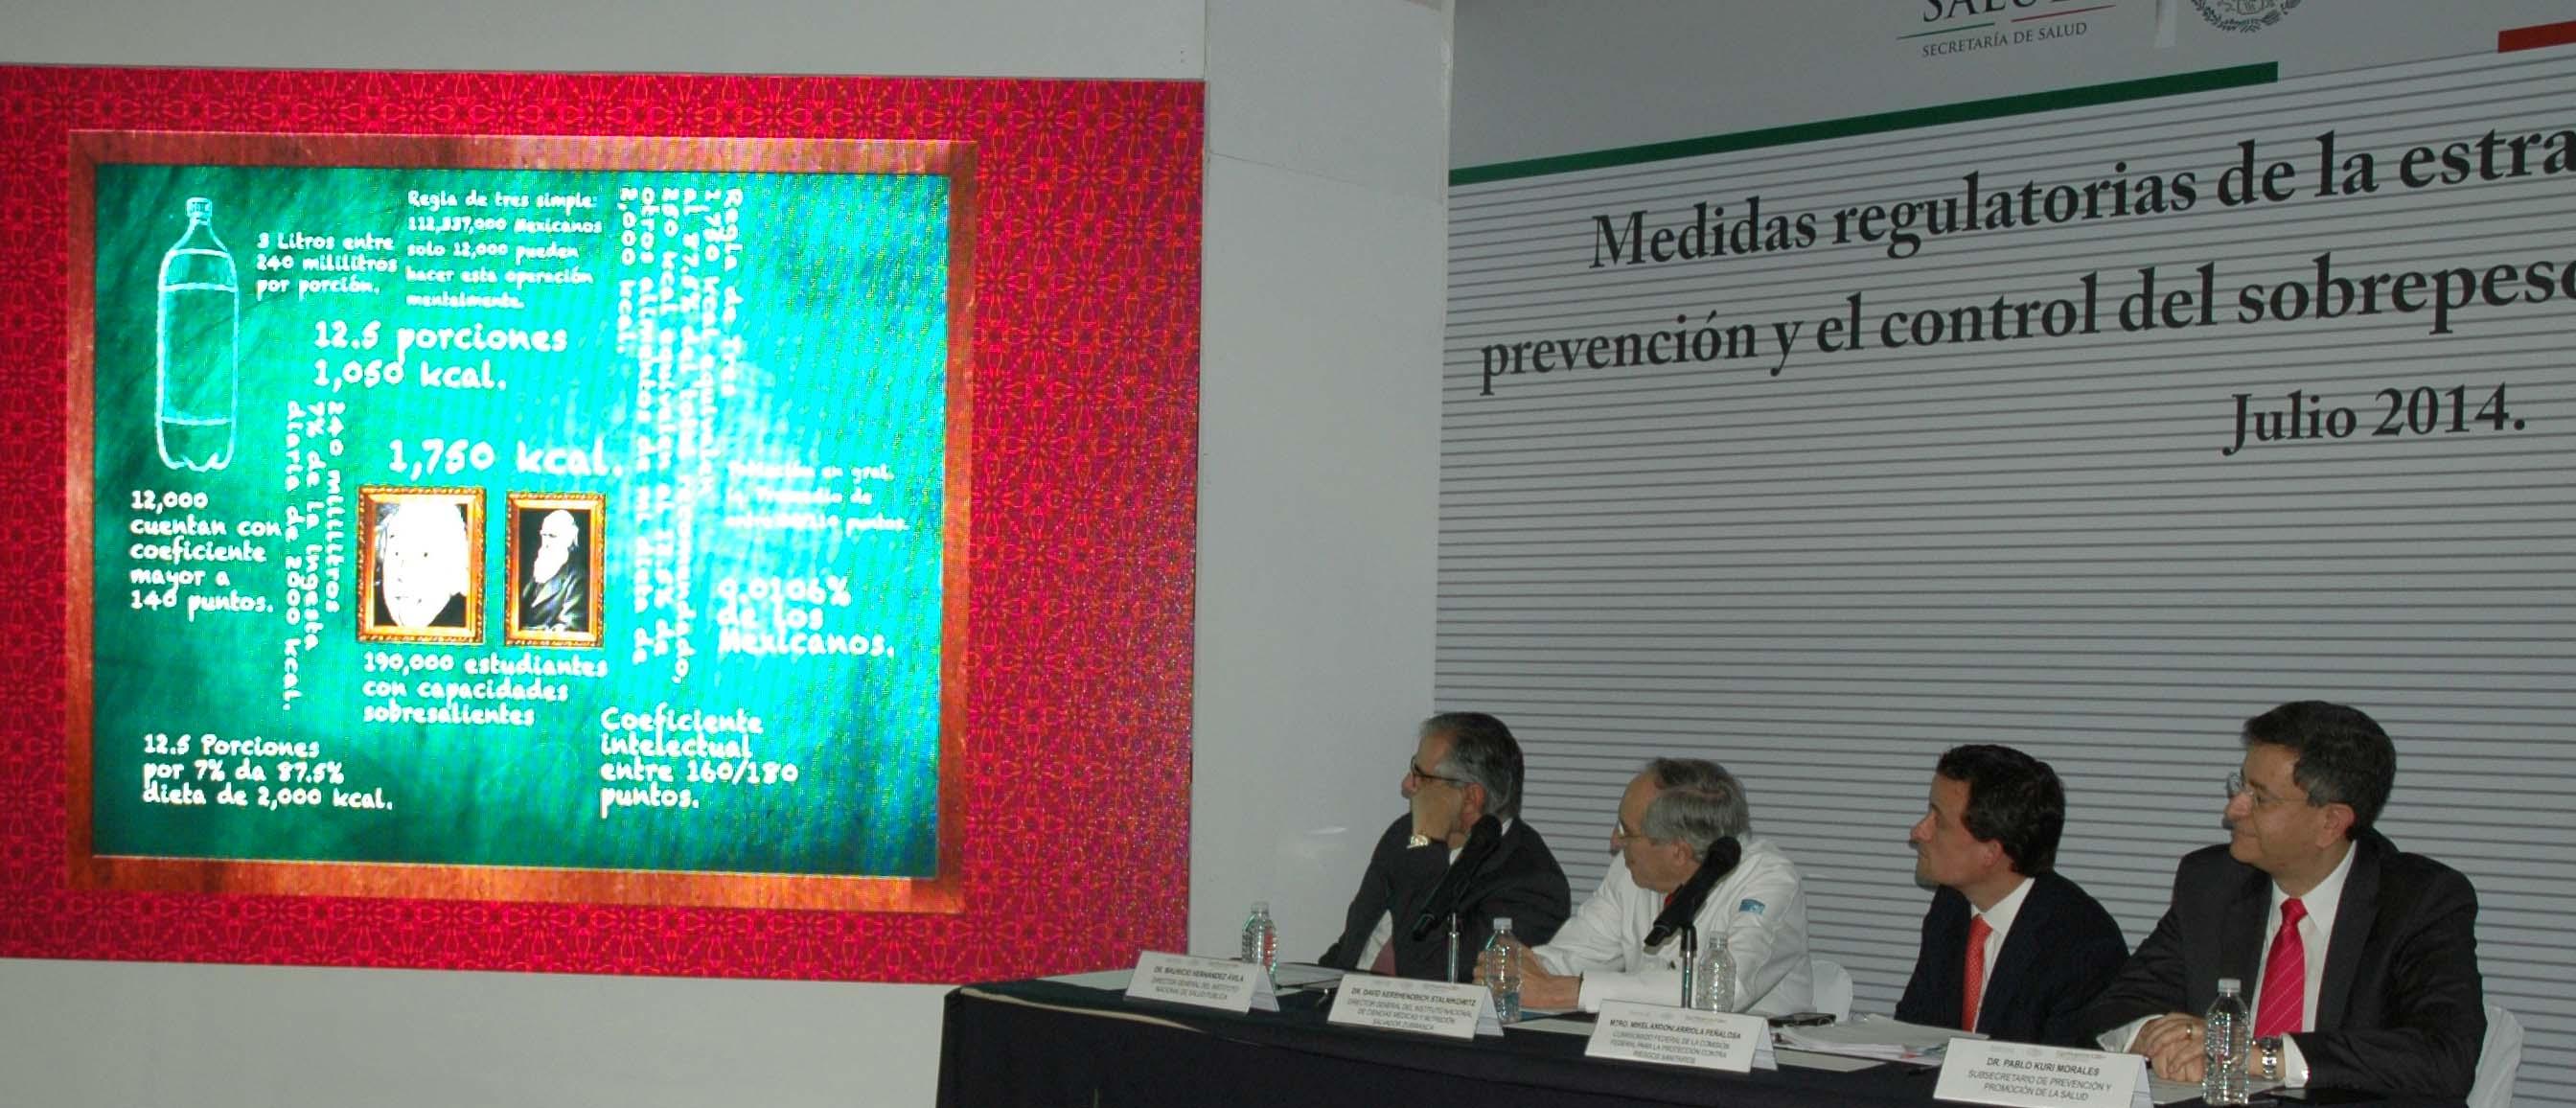 150714 Prevenci n y Control de Sobrepeso 02jpg